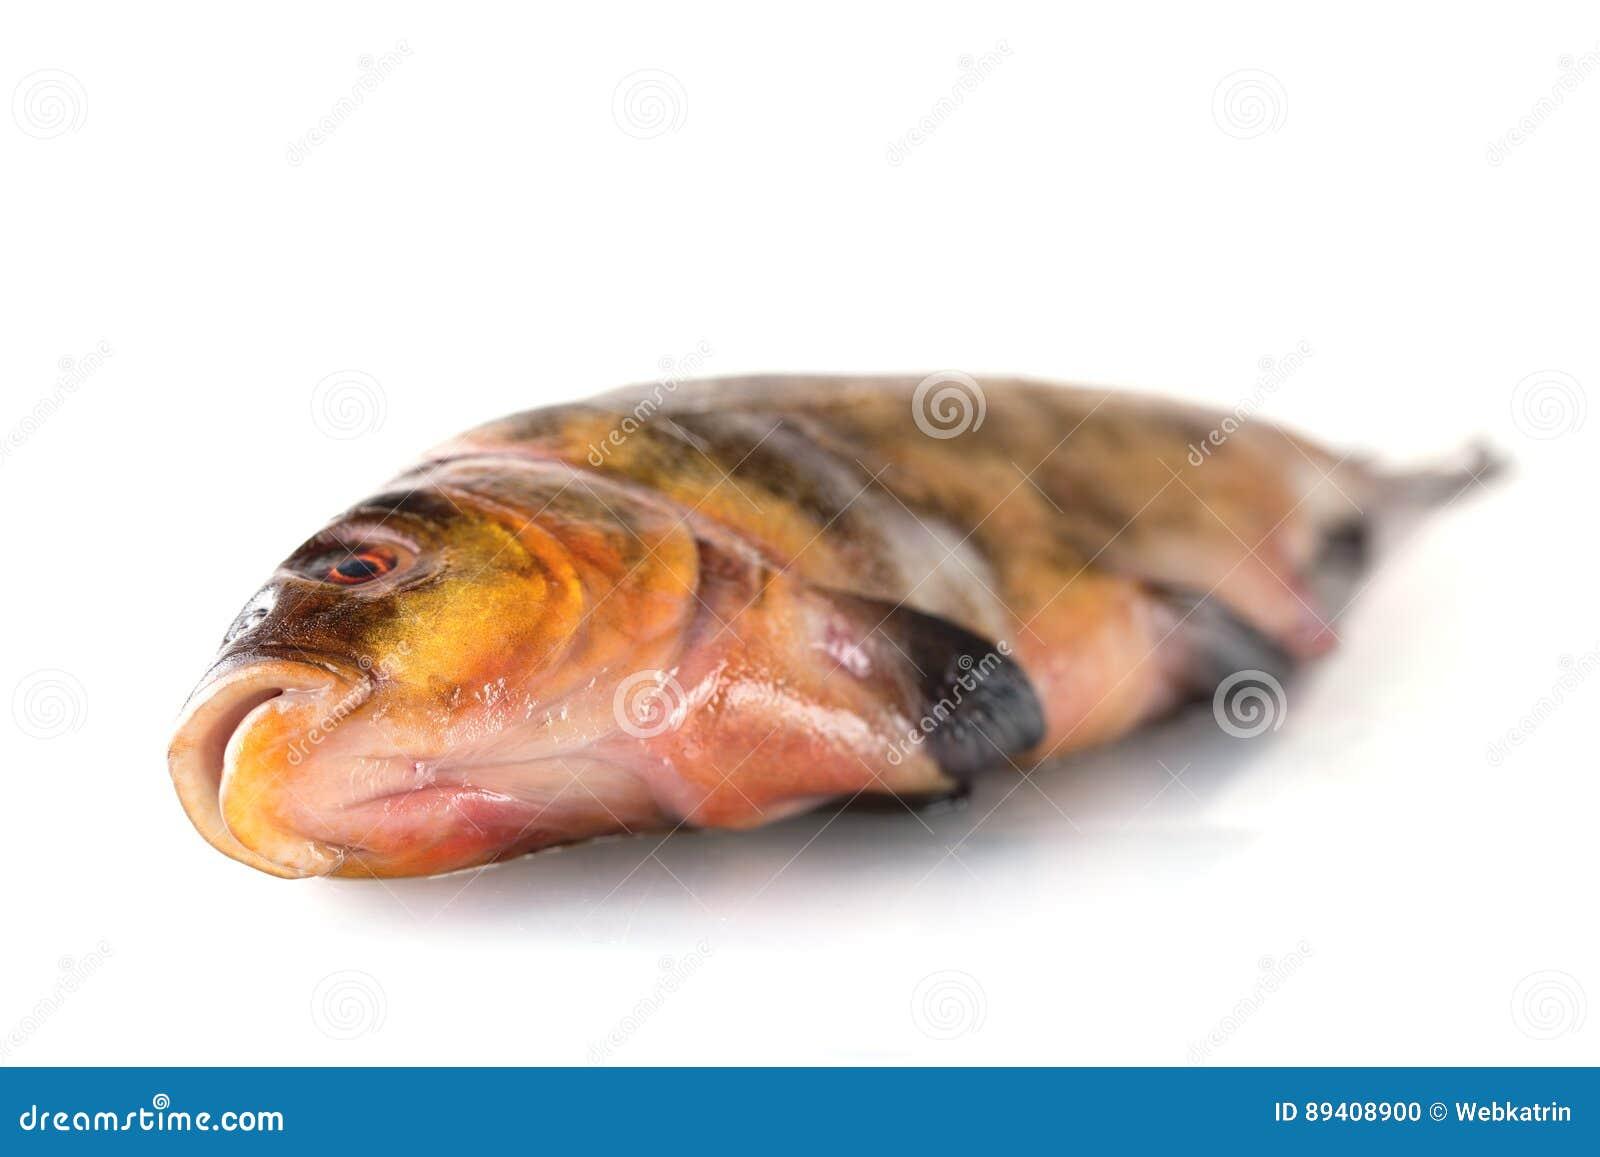 Um peixe cru fresco em um fundo branco